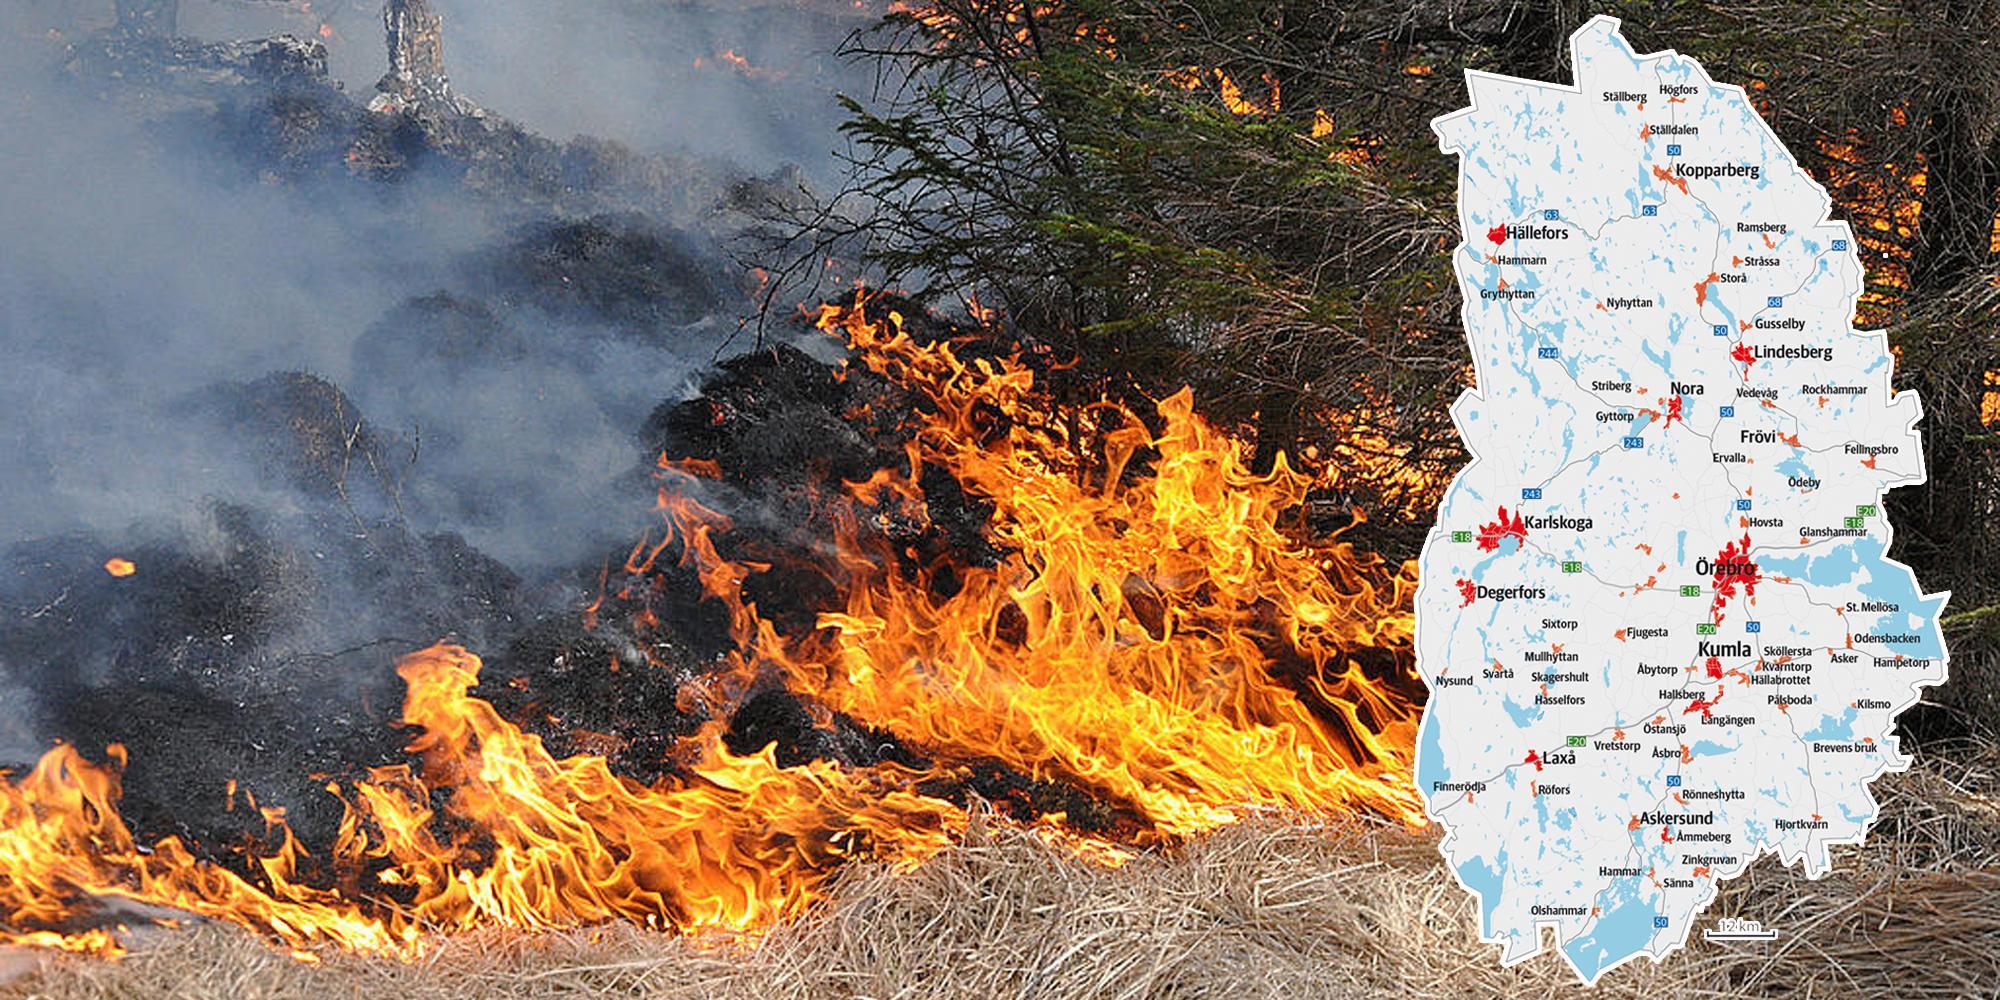 Det kommer vara fortsatt hög brandrisk i länet, enligt SMHI:s prognos. Genrebild: TT. Bilden är ett montage.